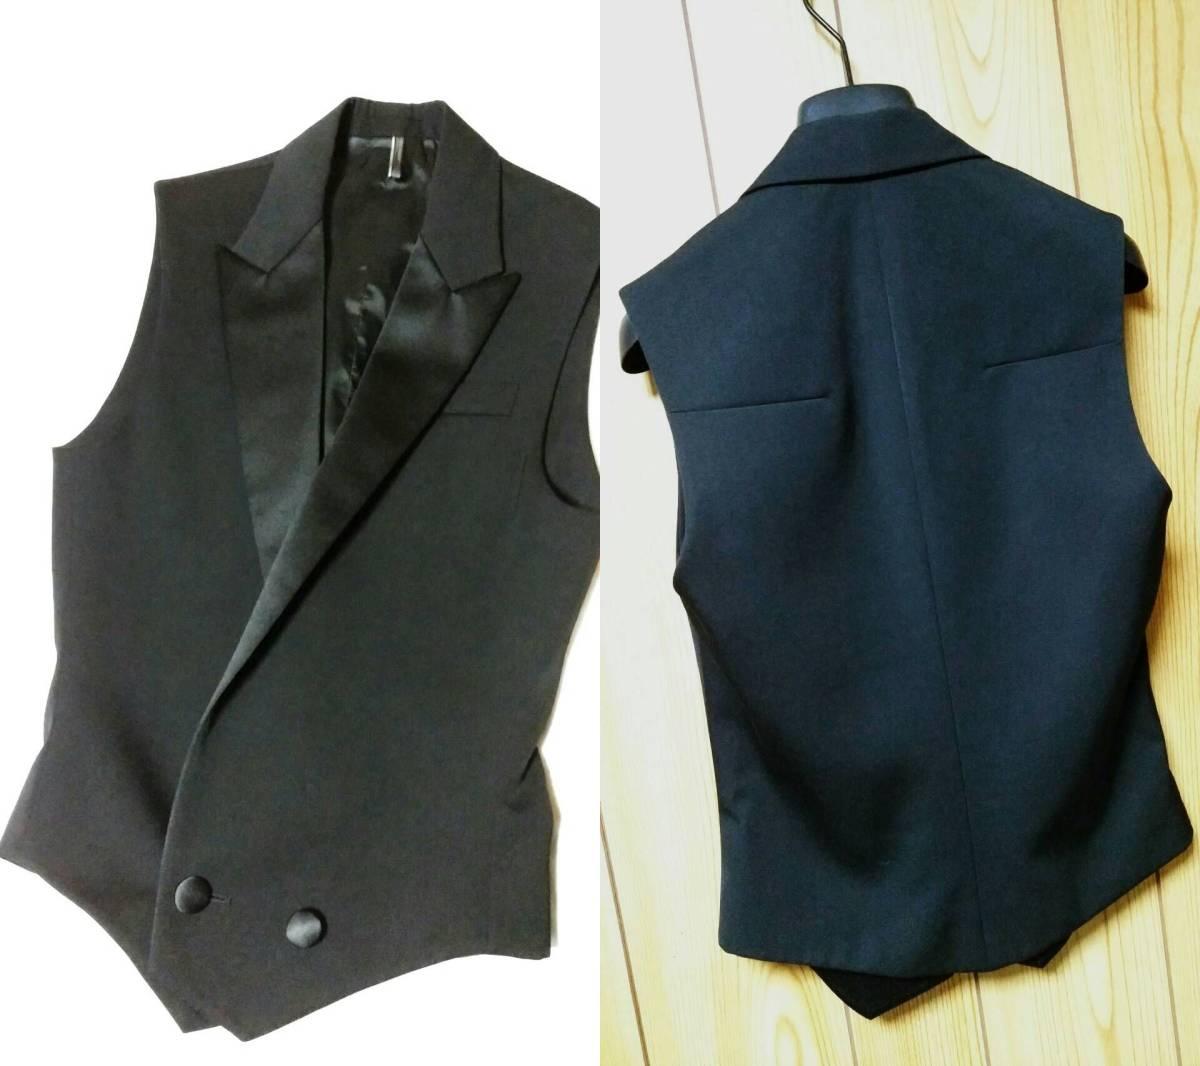 国内正規新古 Dior Hommeディオールオム スモーキングラペルジレ黒 ピークド光沢ラペルブラックベスト 最小38 XXS ジャケット以上の存在感!_画像6